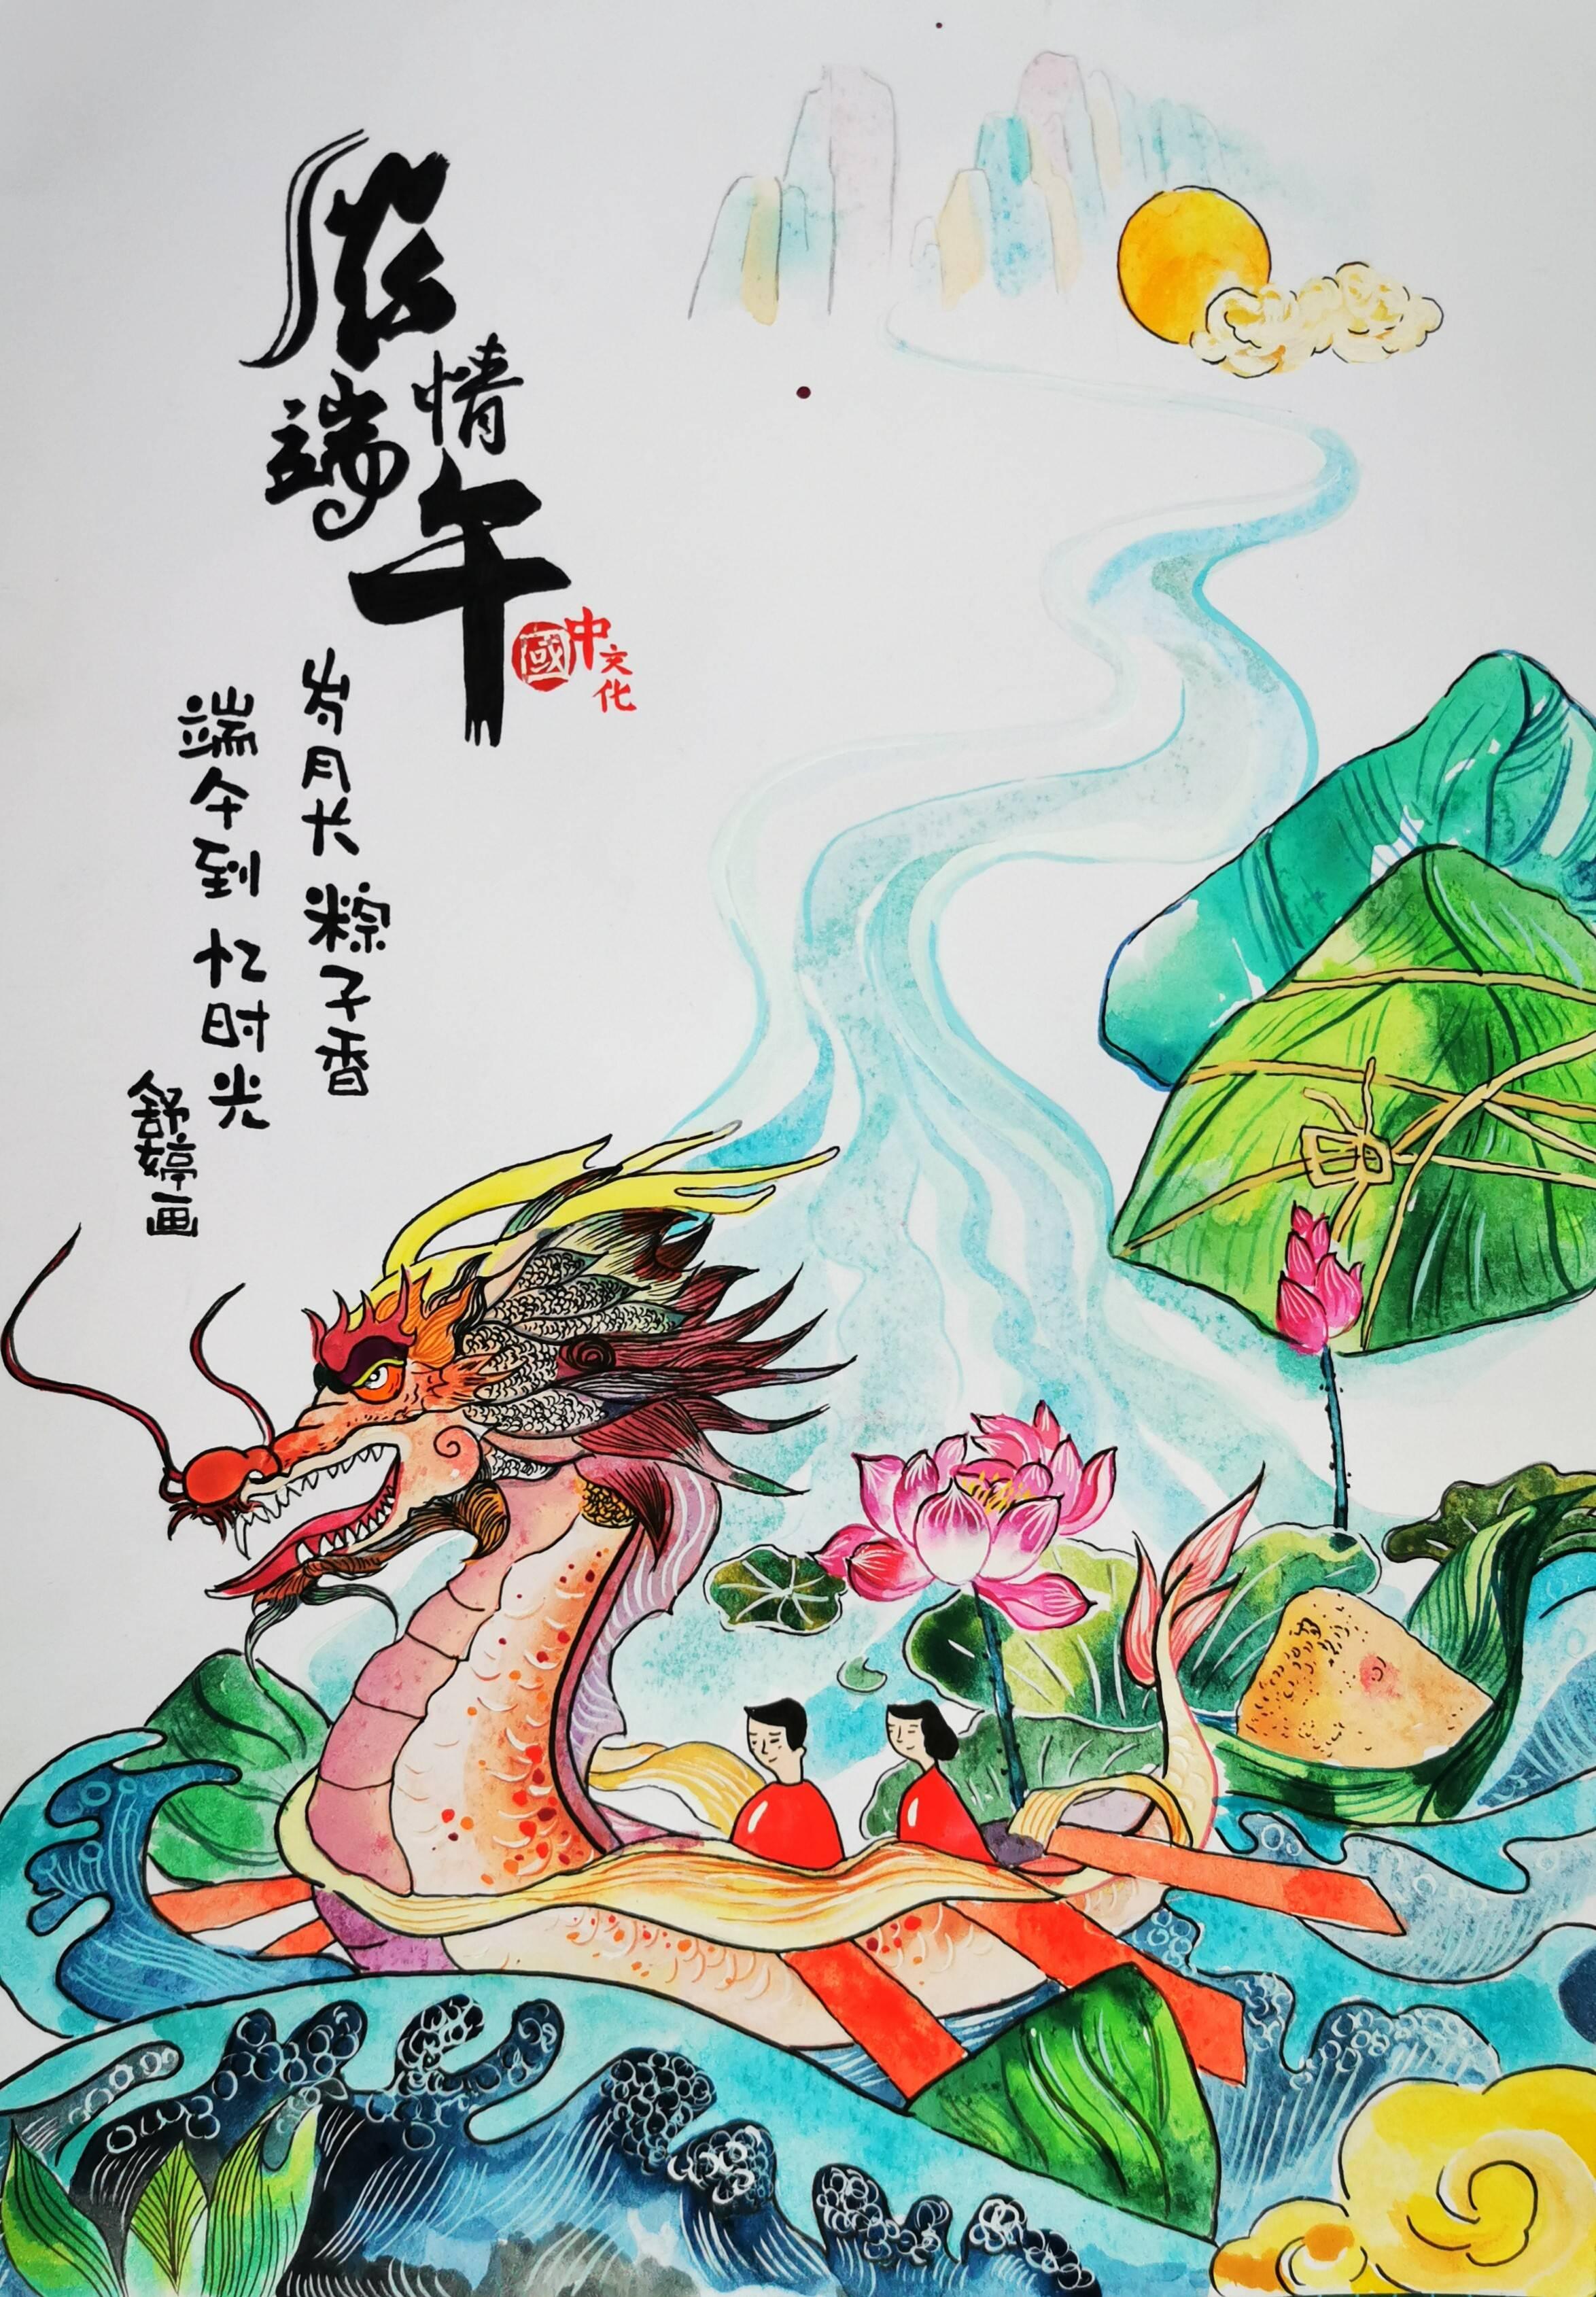 绵阳职院爱画画的许舒婷老师手绘作品留住端午记忆